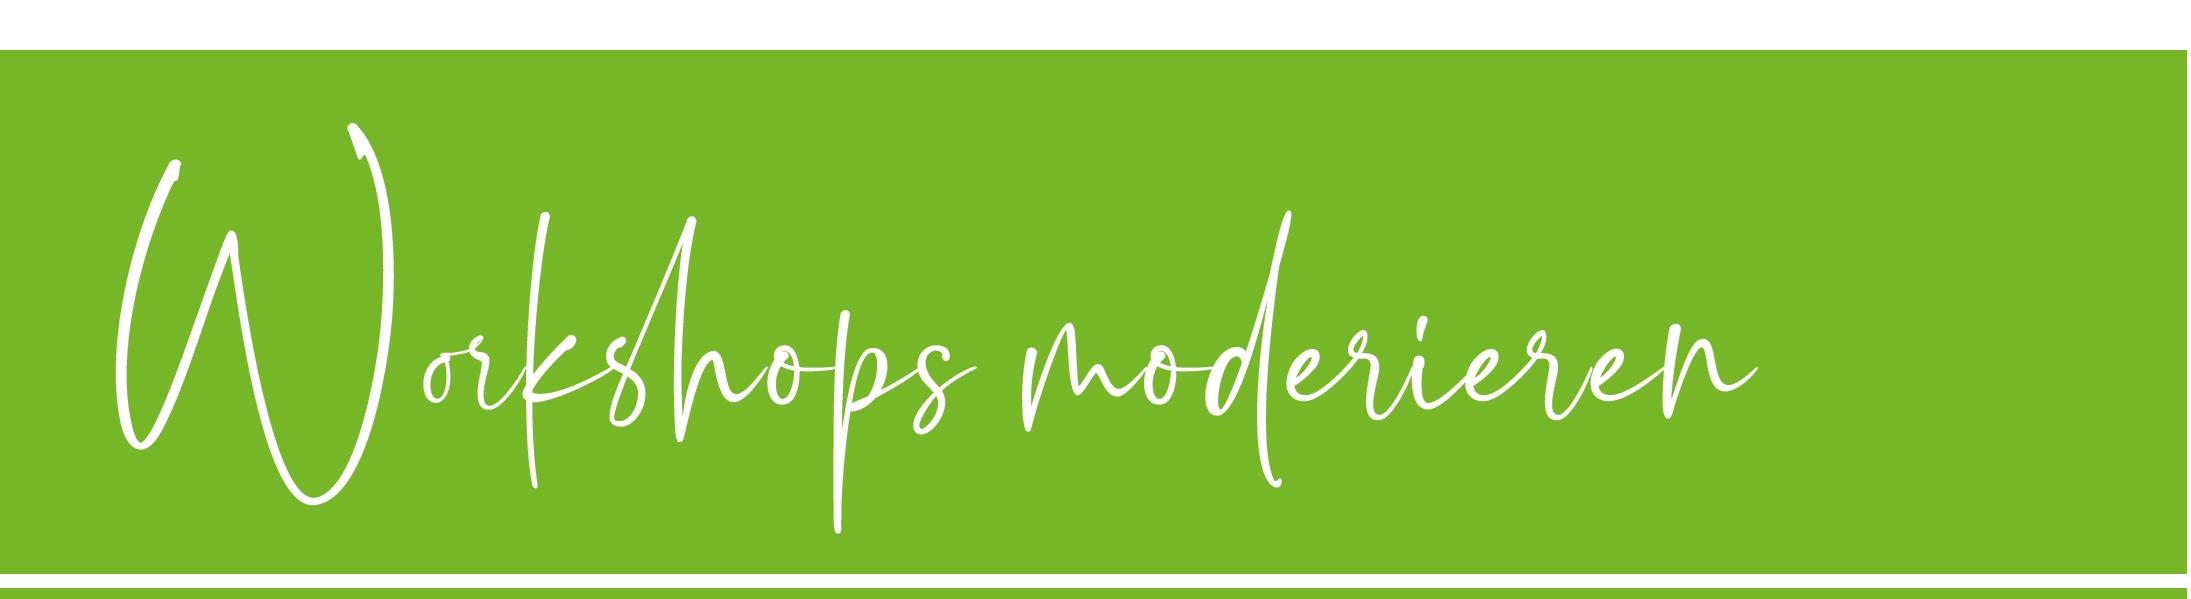 Workshops moderieren